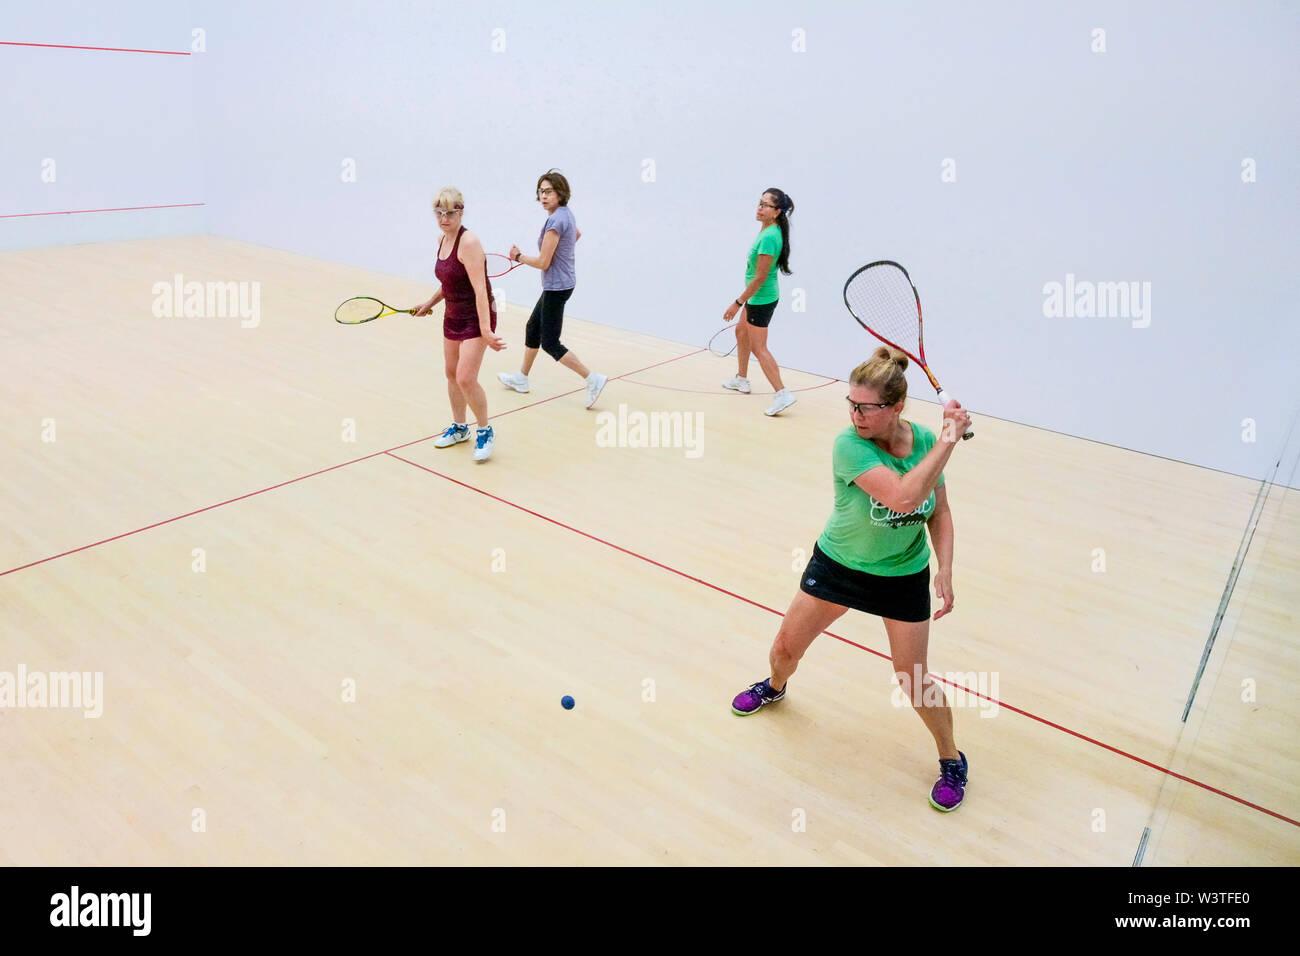 La mujer, duplica, Squash, juego, coincidir Foto de stock